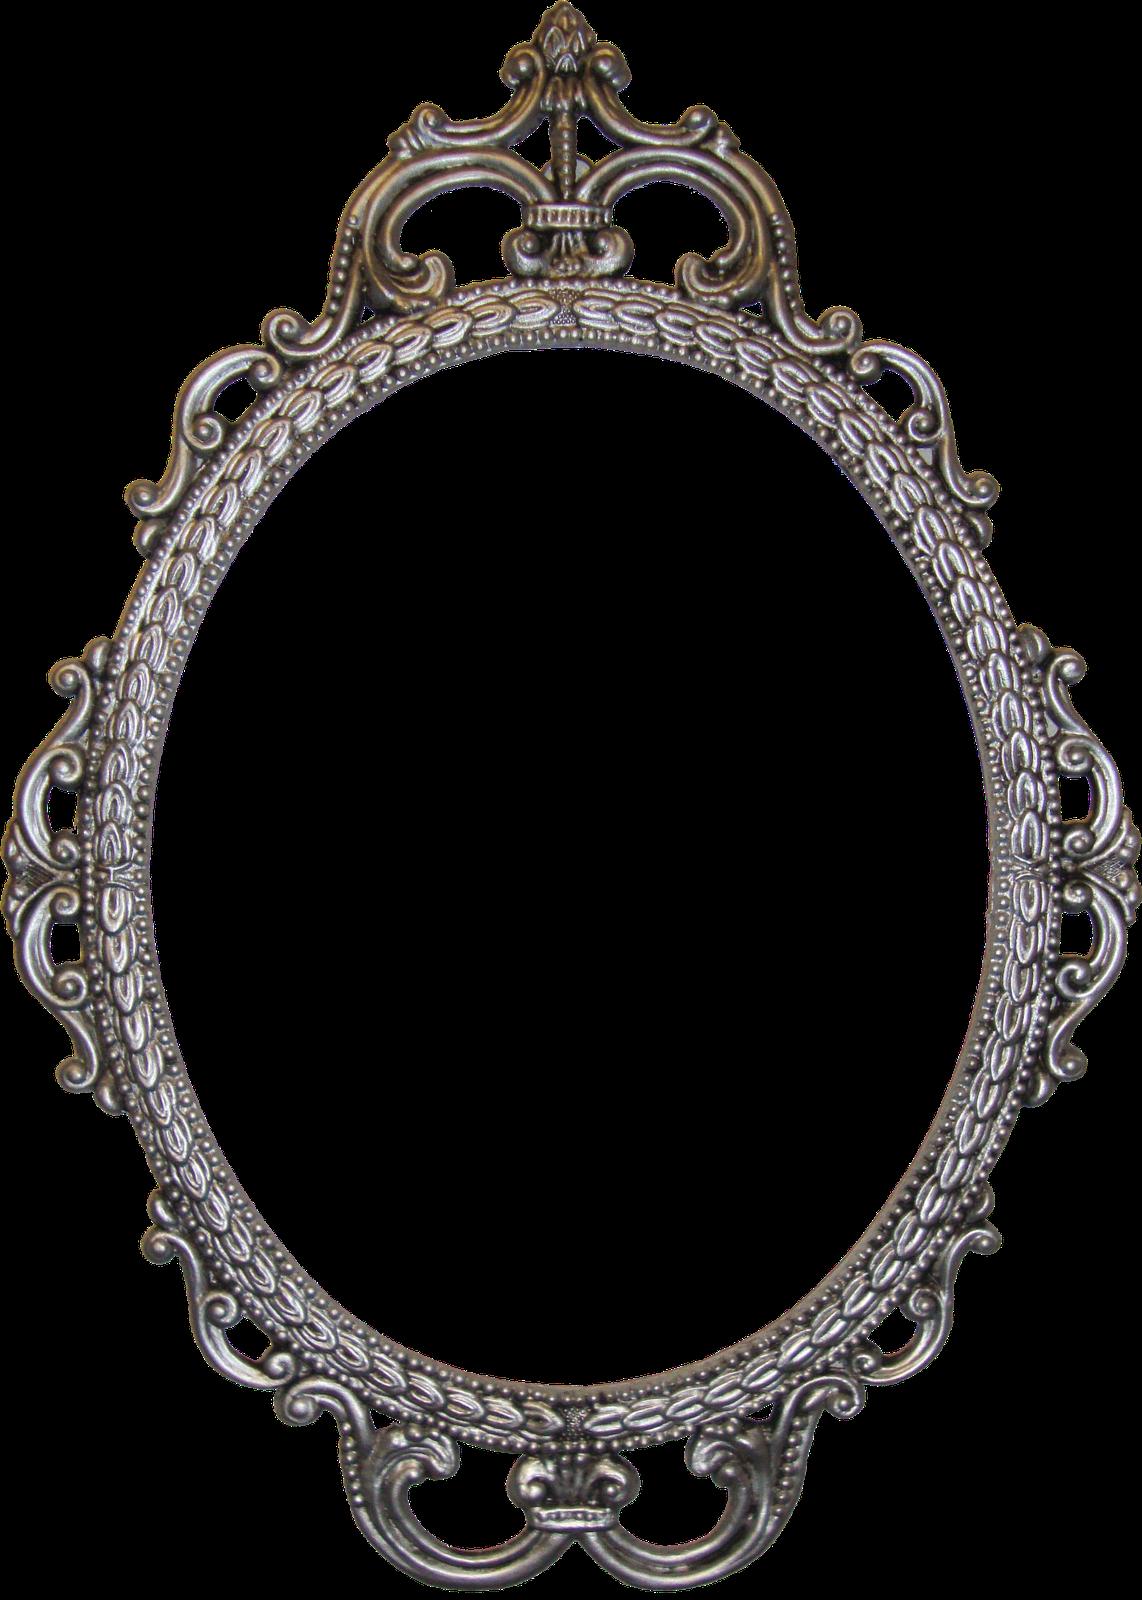 Vintage Oval Frame PNG - 73179